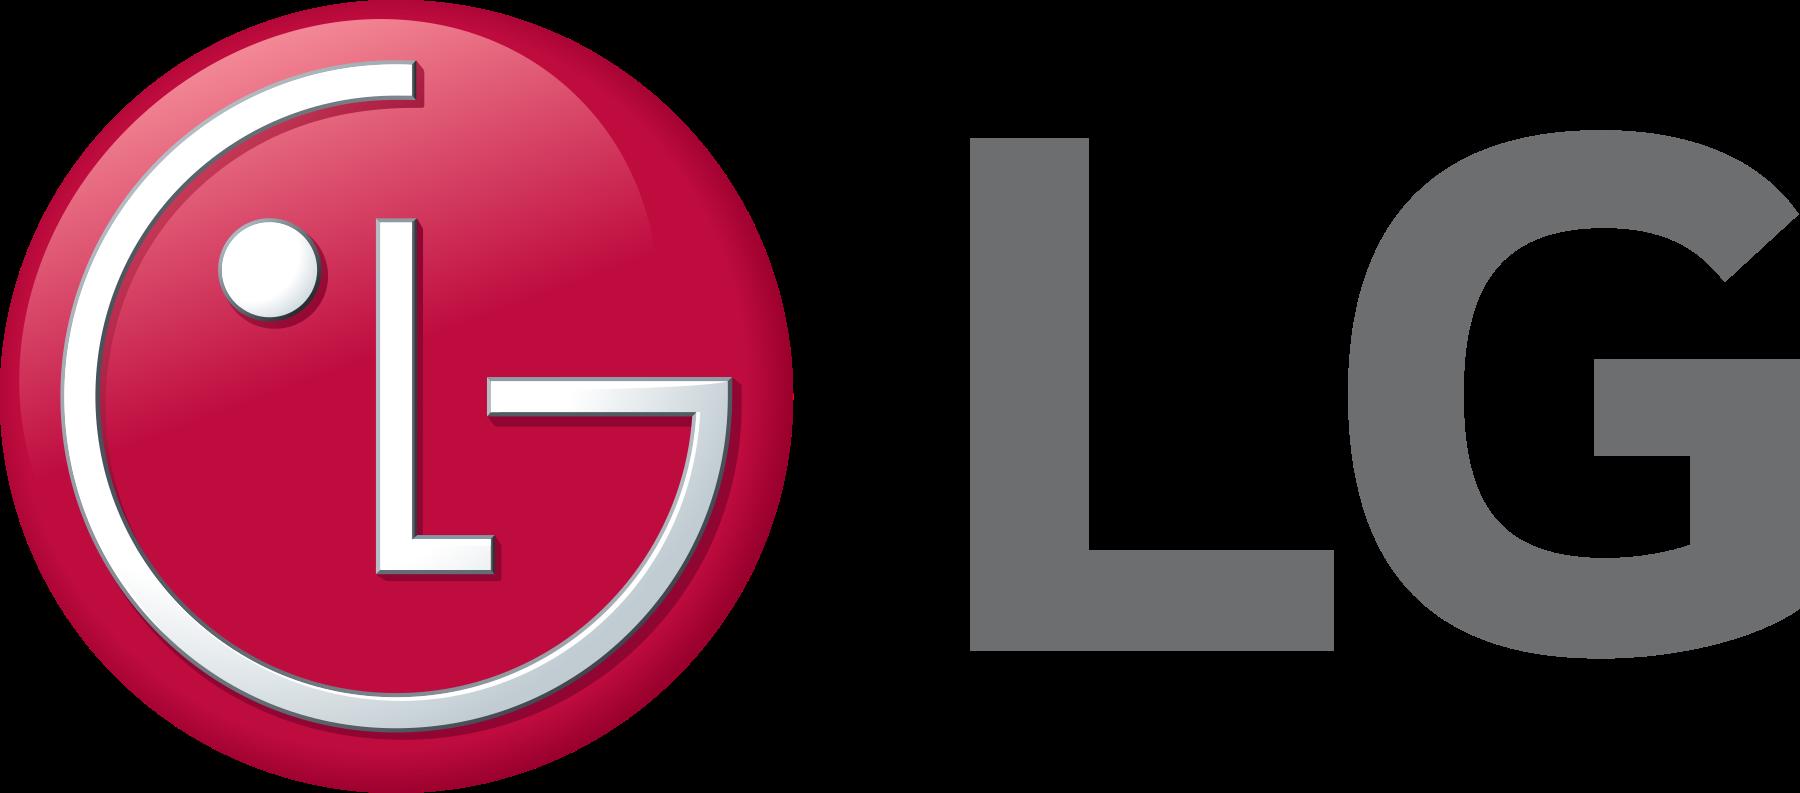 lg logo 3 - LG Logo